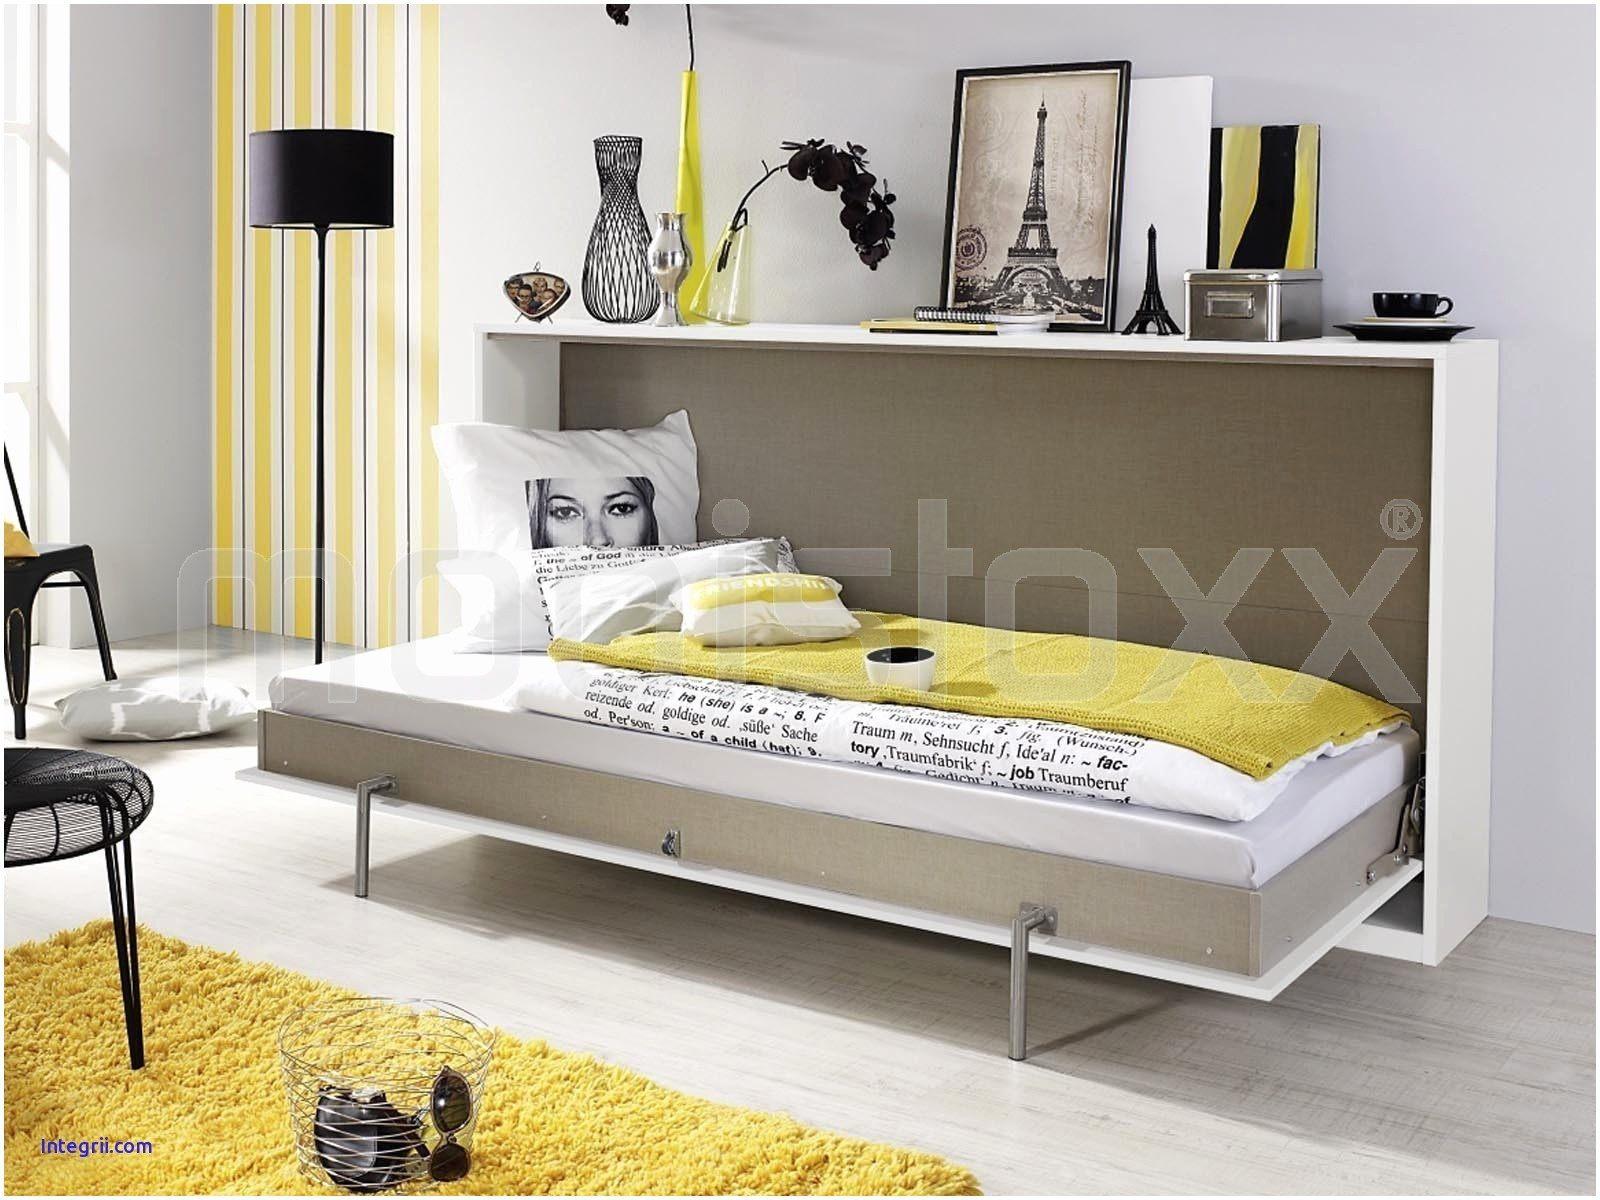 Ikea Dessus De Lit Génial source D Inspiration Ikea Dessus De Lit Ikea Banquette Lit Bel